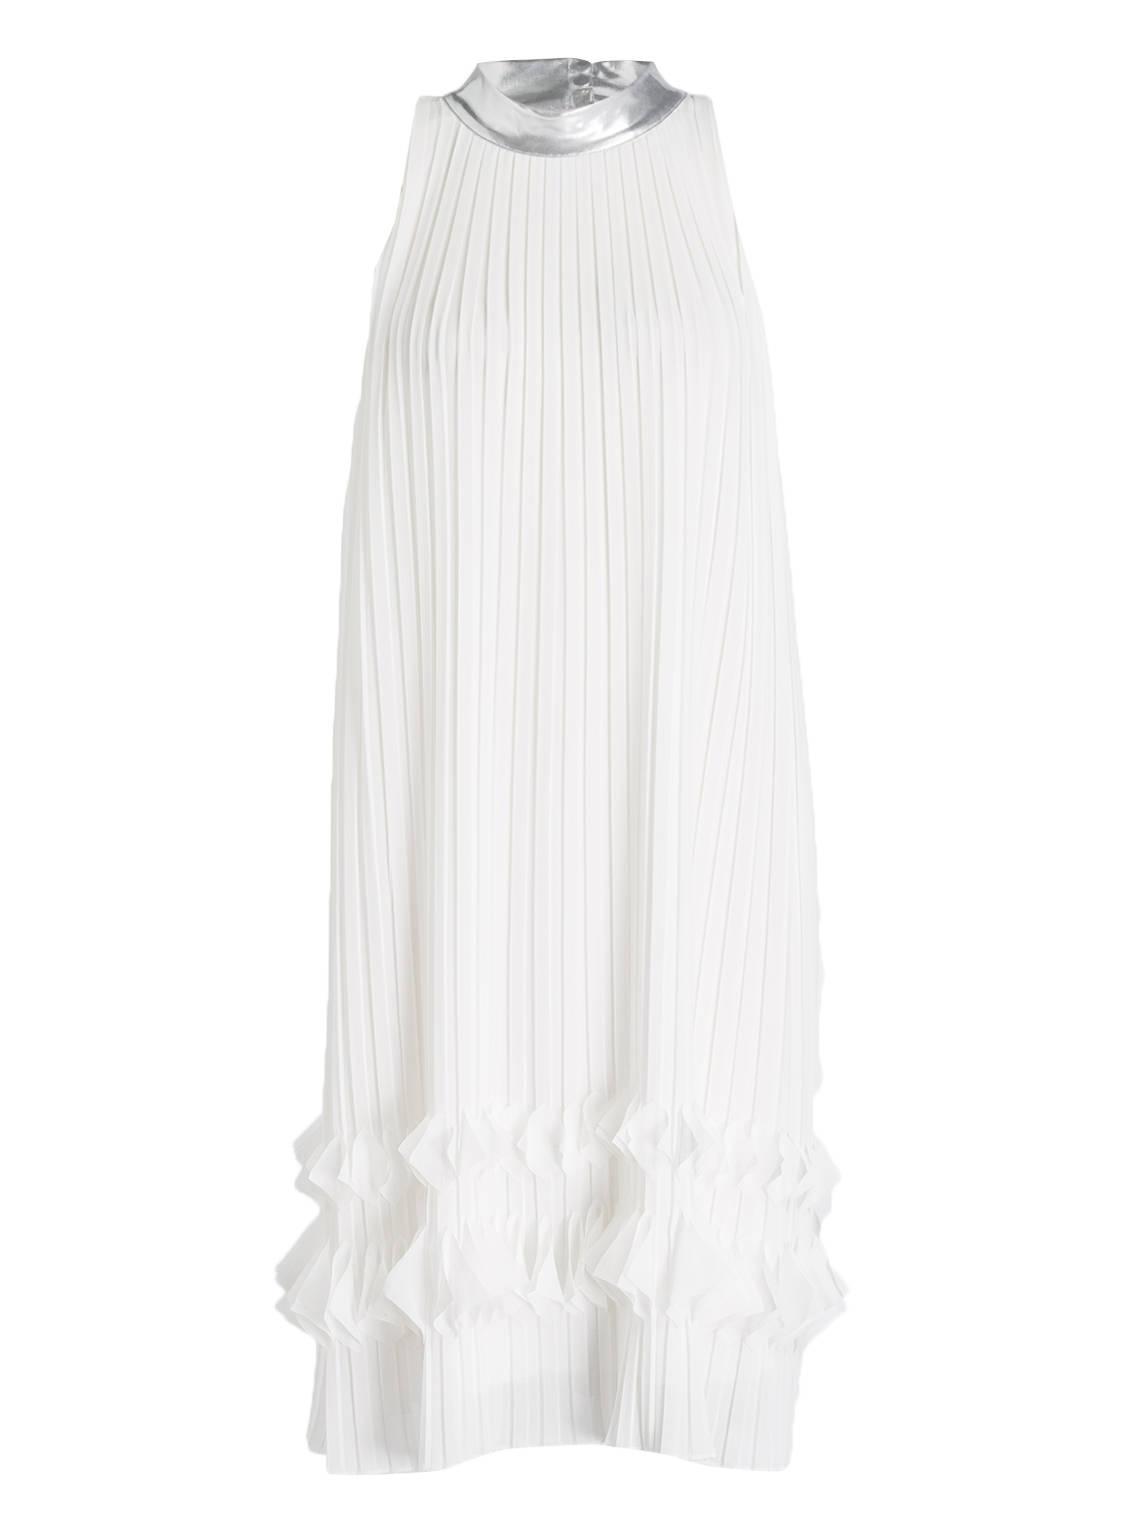 Artikel klicken und genauer betrachten! - Ein Traum in Weiß ist das bezaubernde Kleid von RIANI für Damen. Das Modell brilliert mit seinem fließenden Schnitt und dem wunderschönen Plissee-Design. Ein kontrastierender Rundhalsausschnitt mi Magnetverschluss im Nacken sowie der luftige Besatz am Saum veredeln den femininen Look. Ein absolutes Lieblings-Piece! Details: A-Linie. Rundhalsausschnitt. Plissee-Design. Schlitz mit Magnetverschluss im Nacken. Komplett gefüttert. Maße bei Größe 36: Gesamtlänge ab Schulter: 102 cm. Brustweite: 90 cm.   im Online Shop kaufen